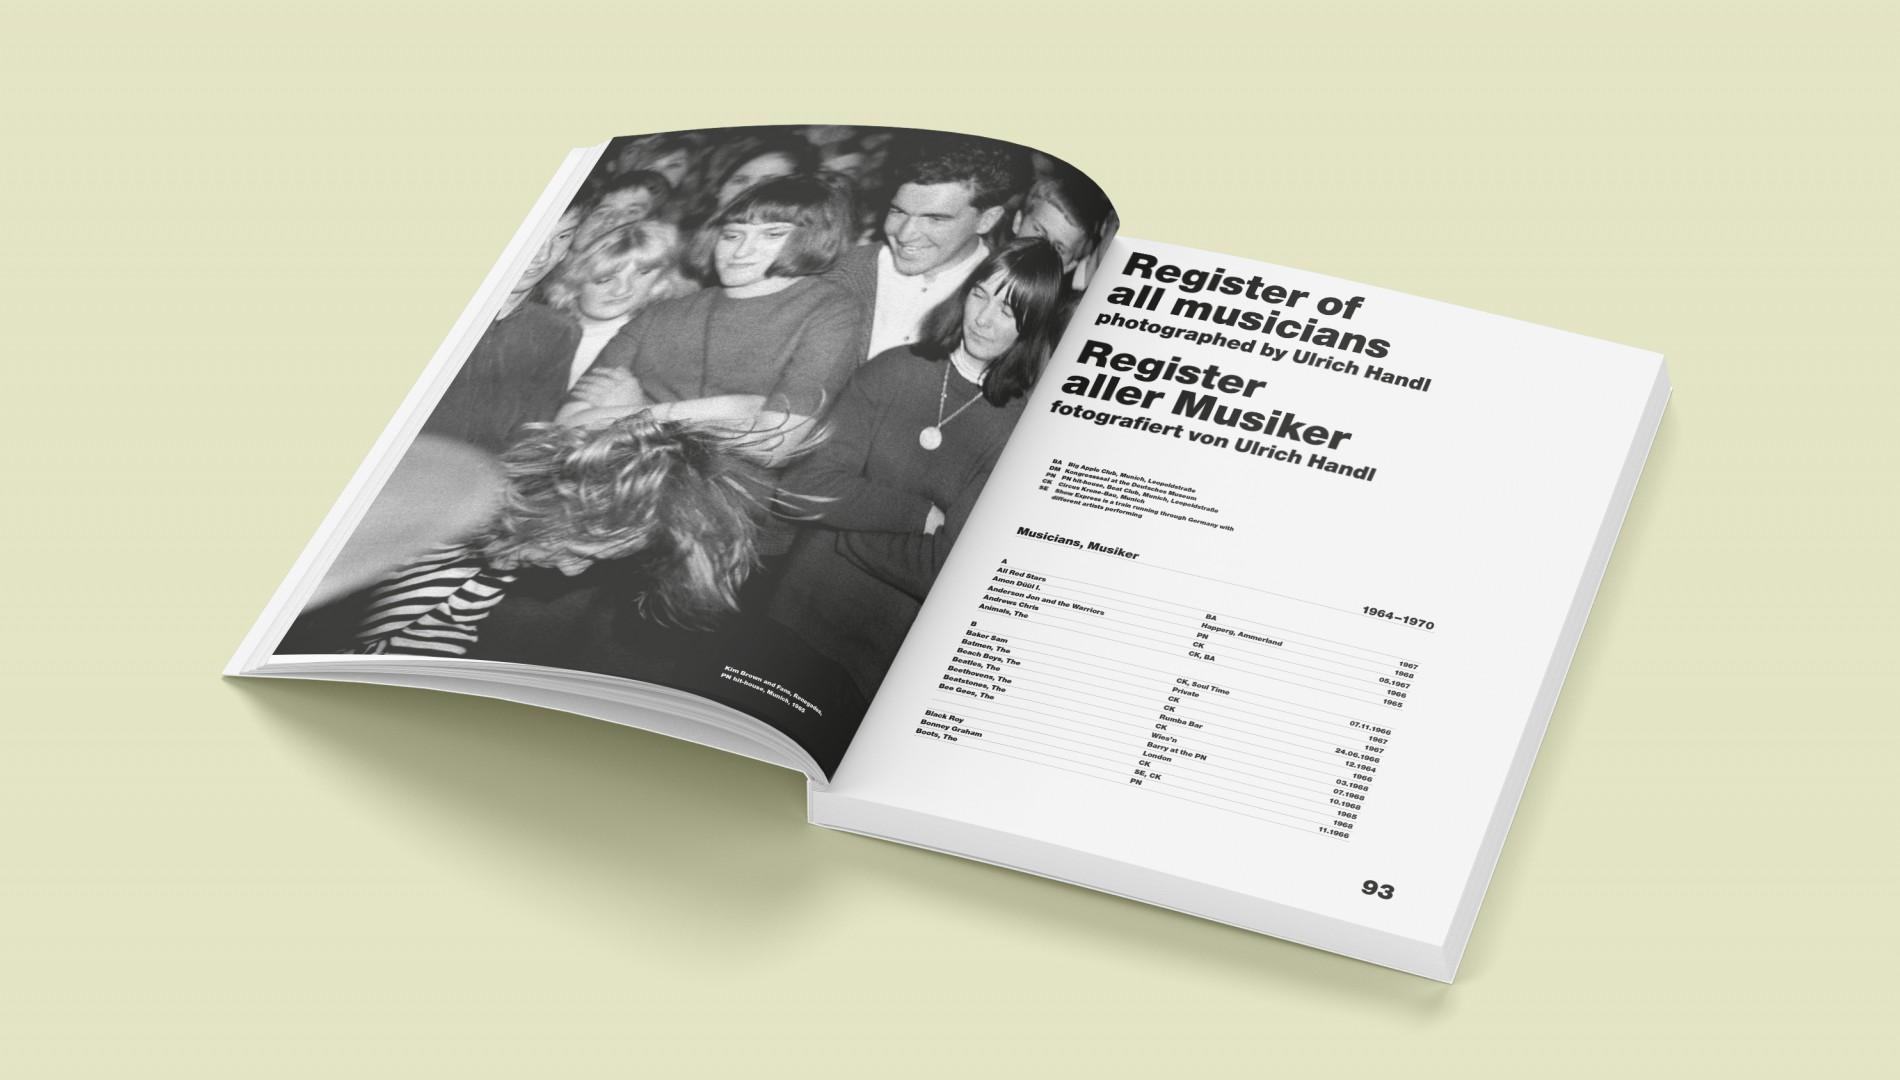 Bildband über den Münchner Photographen Ulrich Handl mit Buchdesign von der Werbeagentur das formt aus München